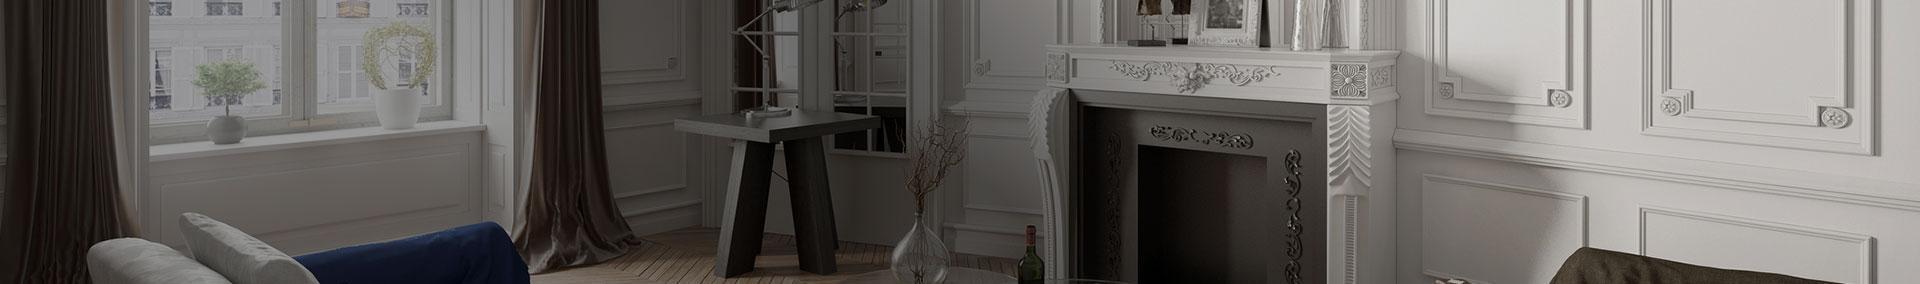 Łazienka w stylo loft